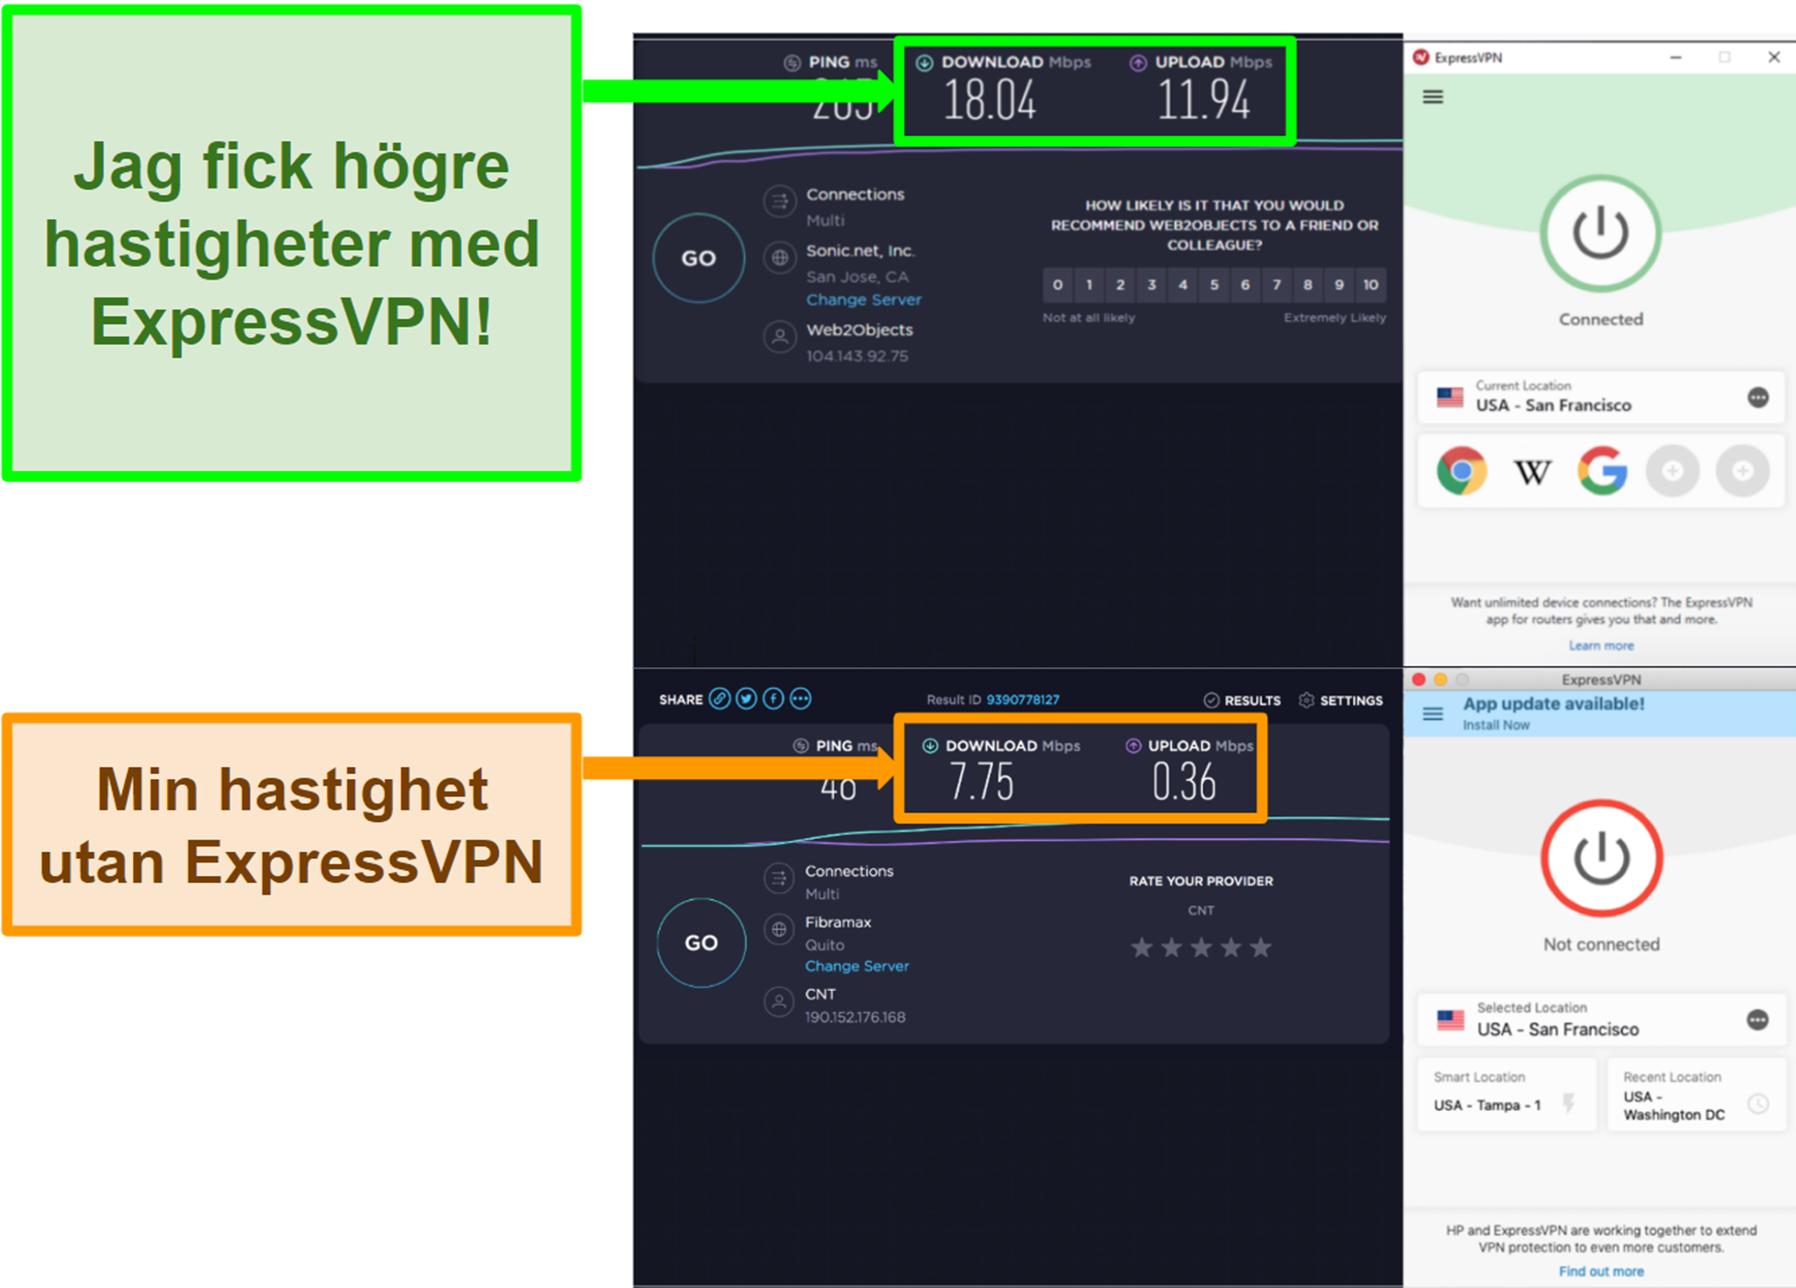 ExpressVPN förbättrade min hastighet när jag var ansluten till en amerikansk server